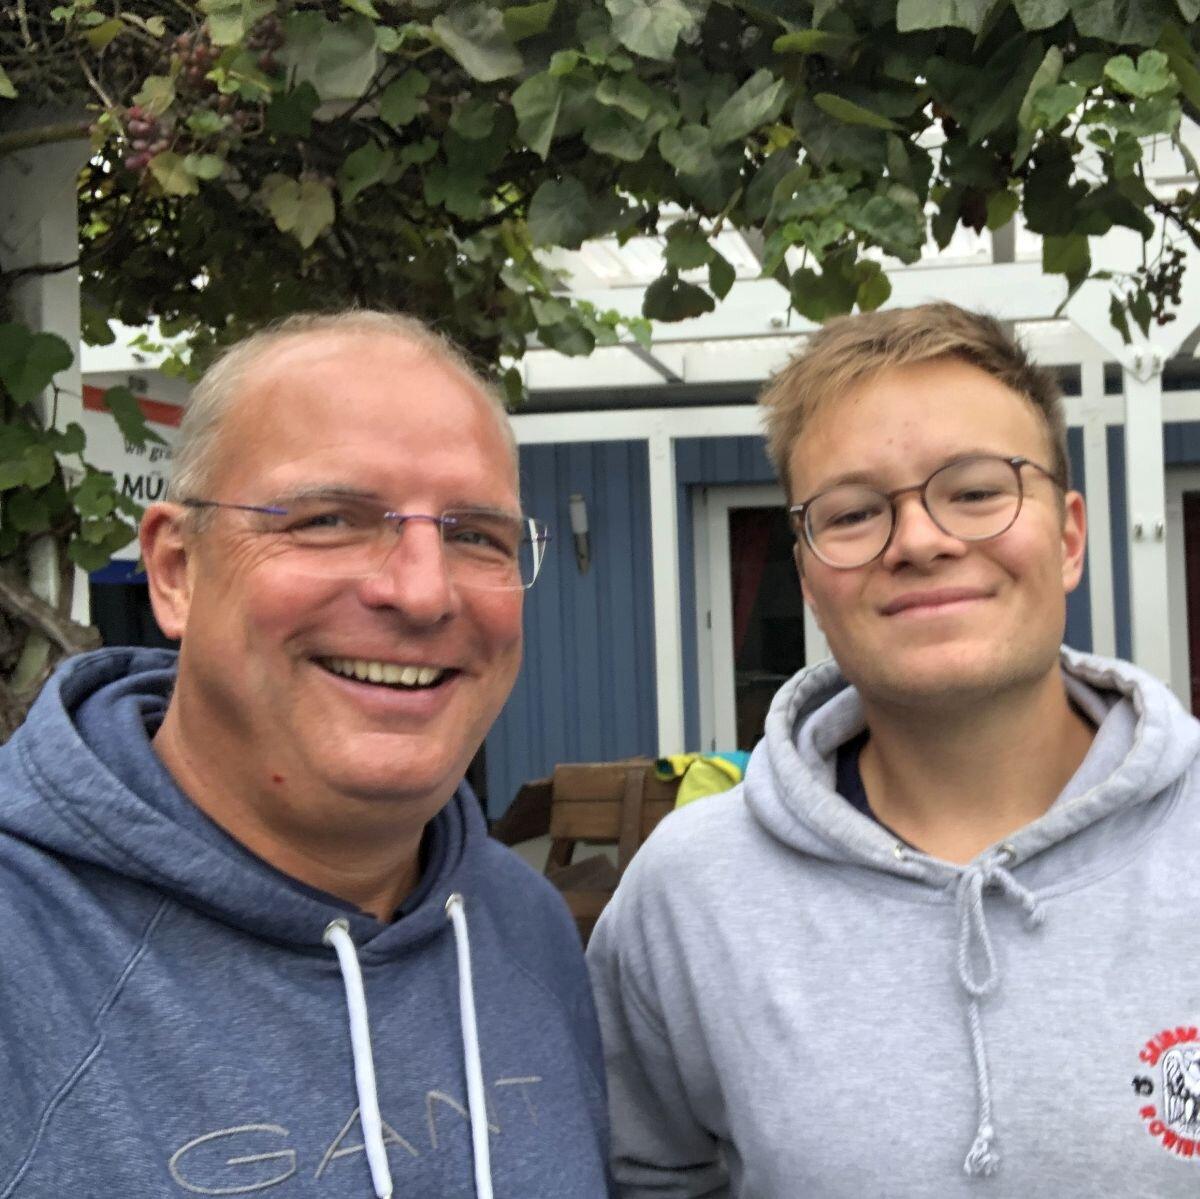 Trainingsleiter Boris Orlowski und Paul Rasch haben gut Lachen!